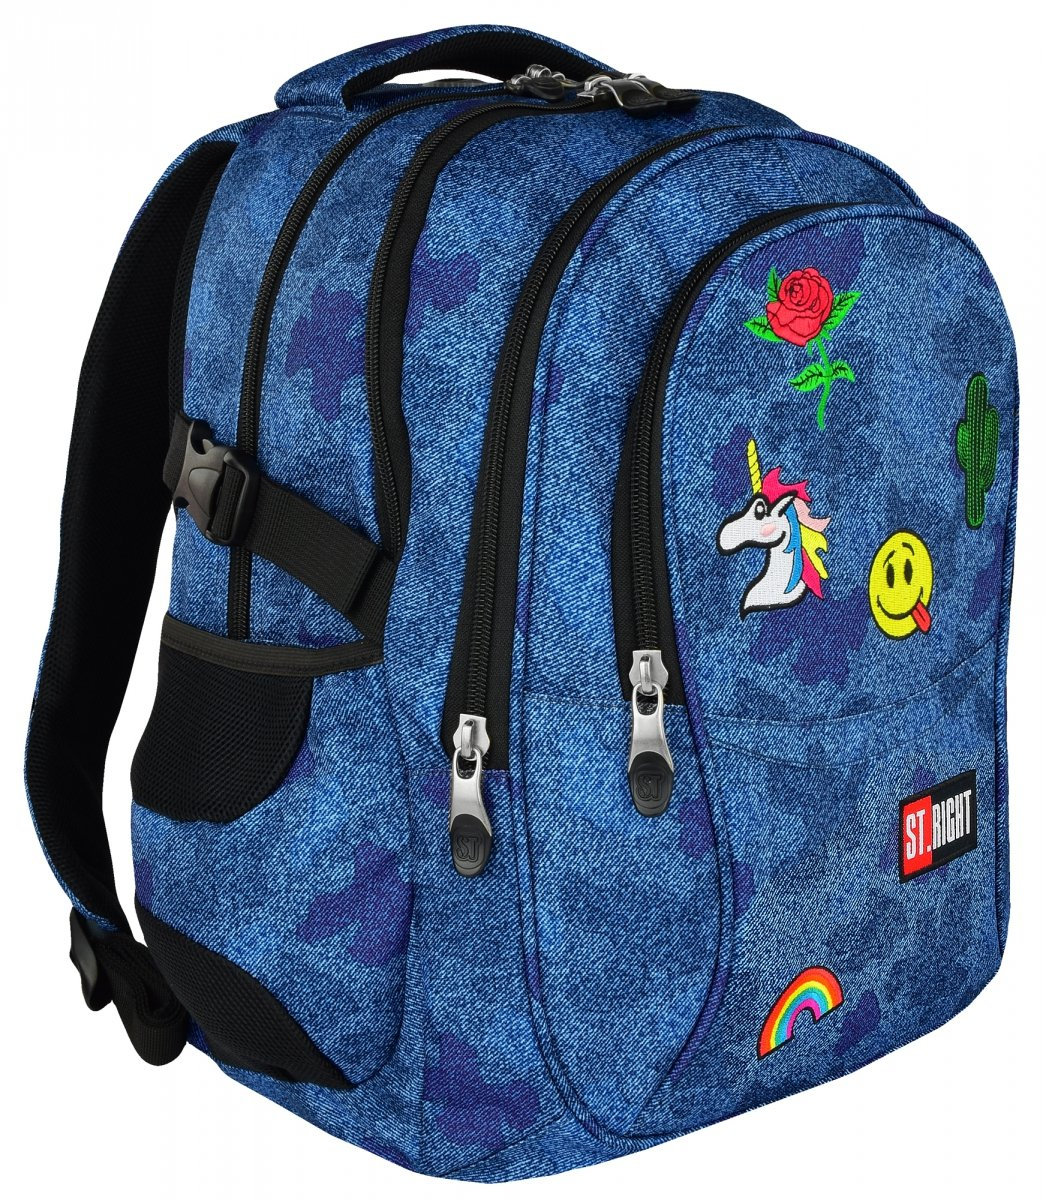 320121d03b2fd Plecak szkolny młodzieżowy ST.RIGHT dżinsowy w naszywki, JEANS & BADGES  BP1 (